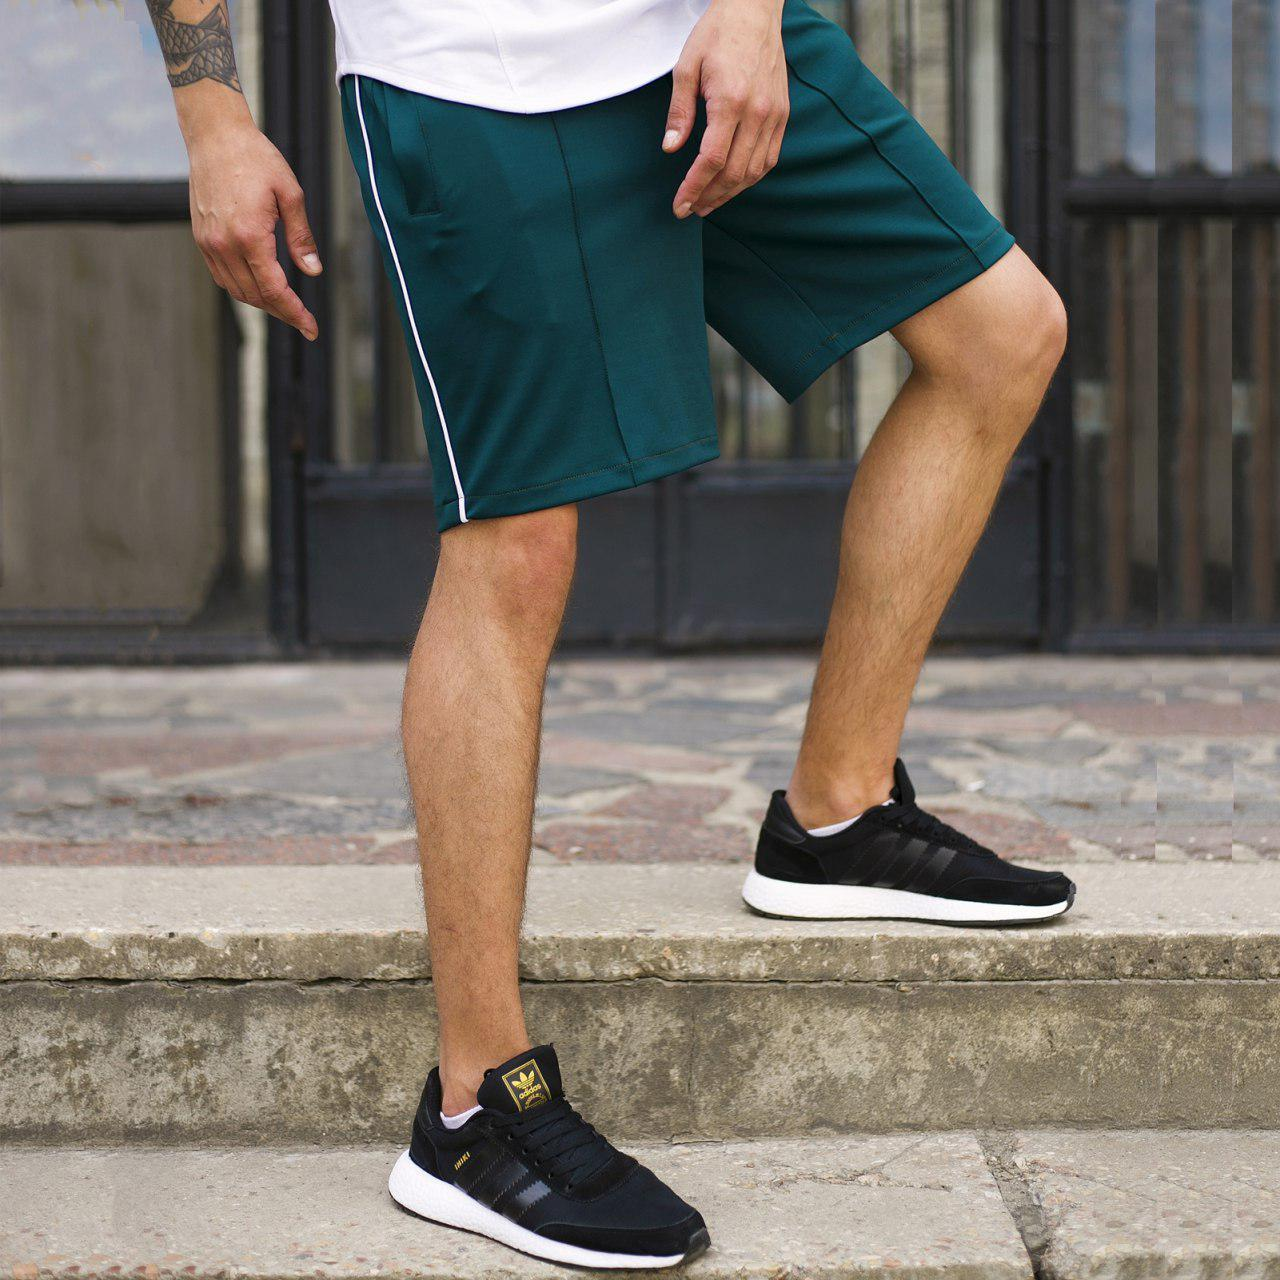 Шорты зеленые мужские с полоской СиДжей (CJ) от бренда ТУР размер XS, S, M, L, XL